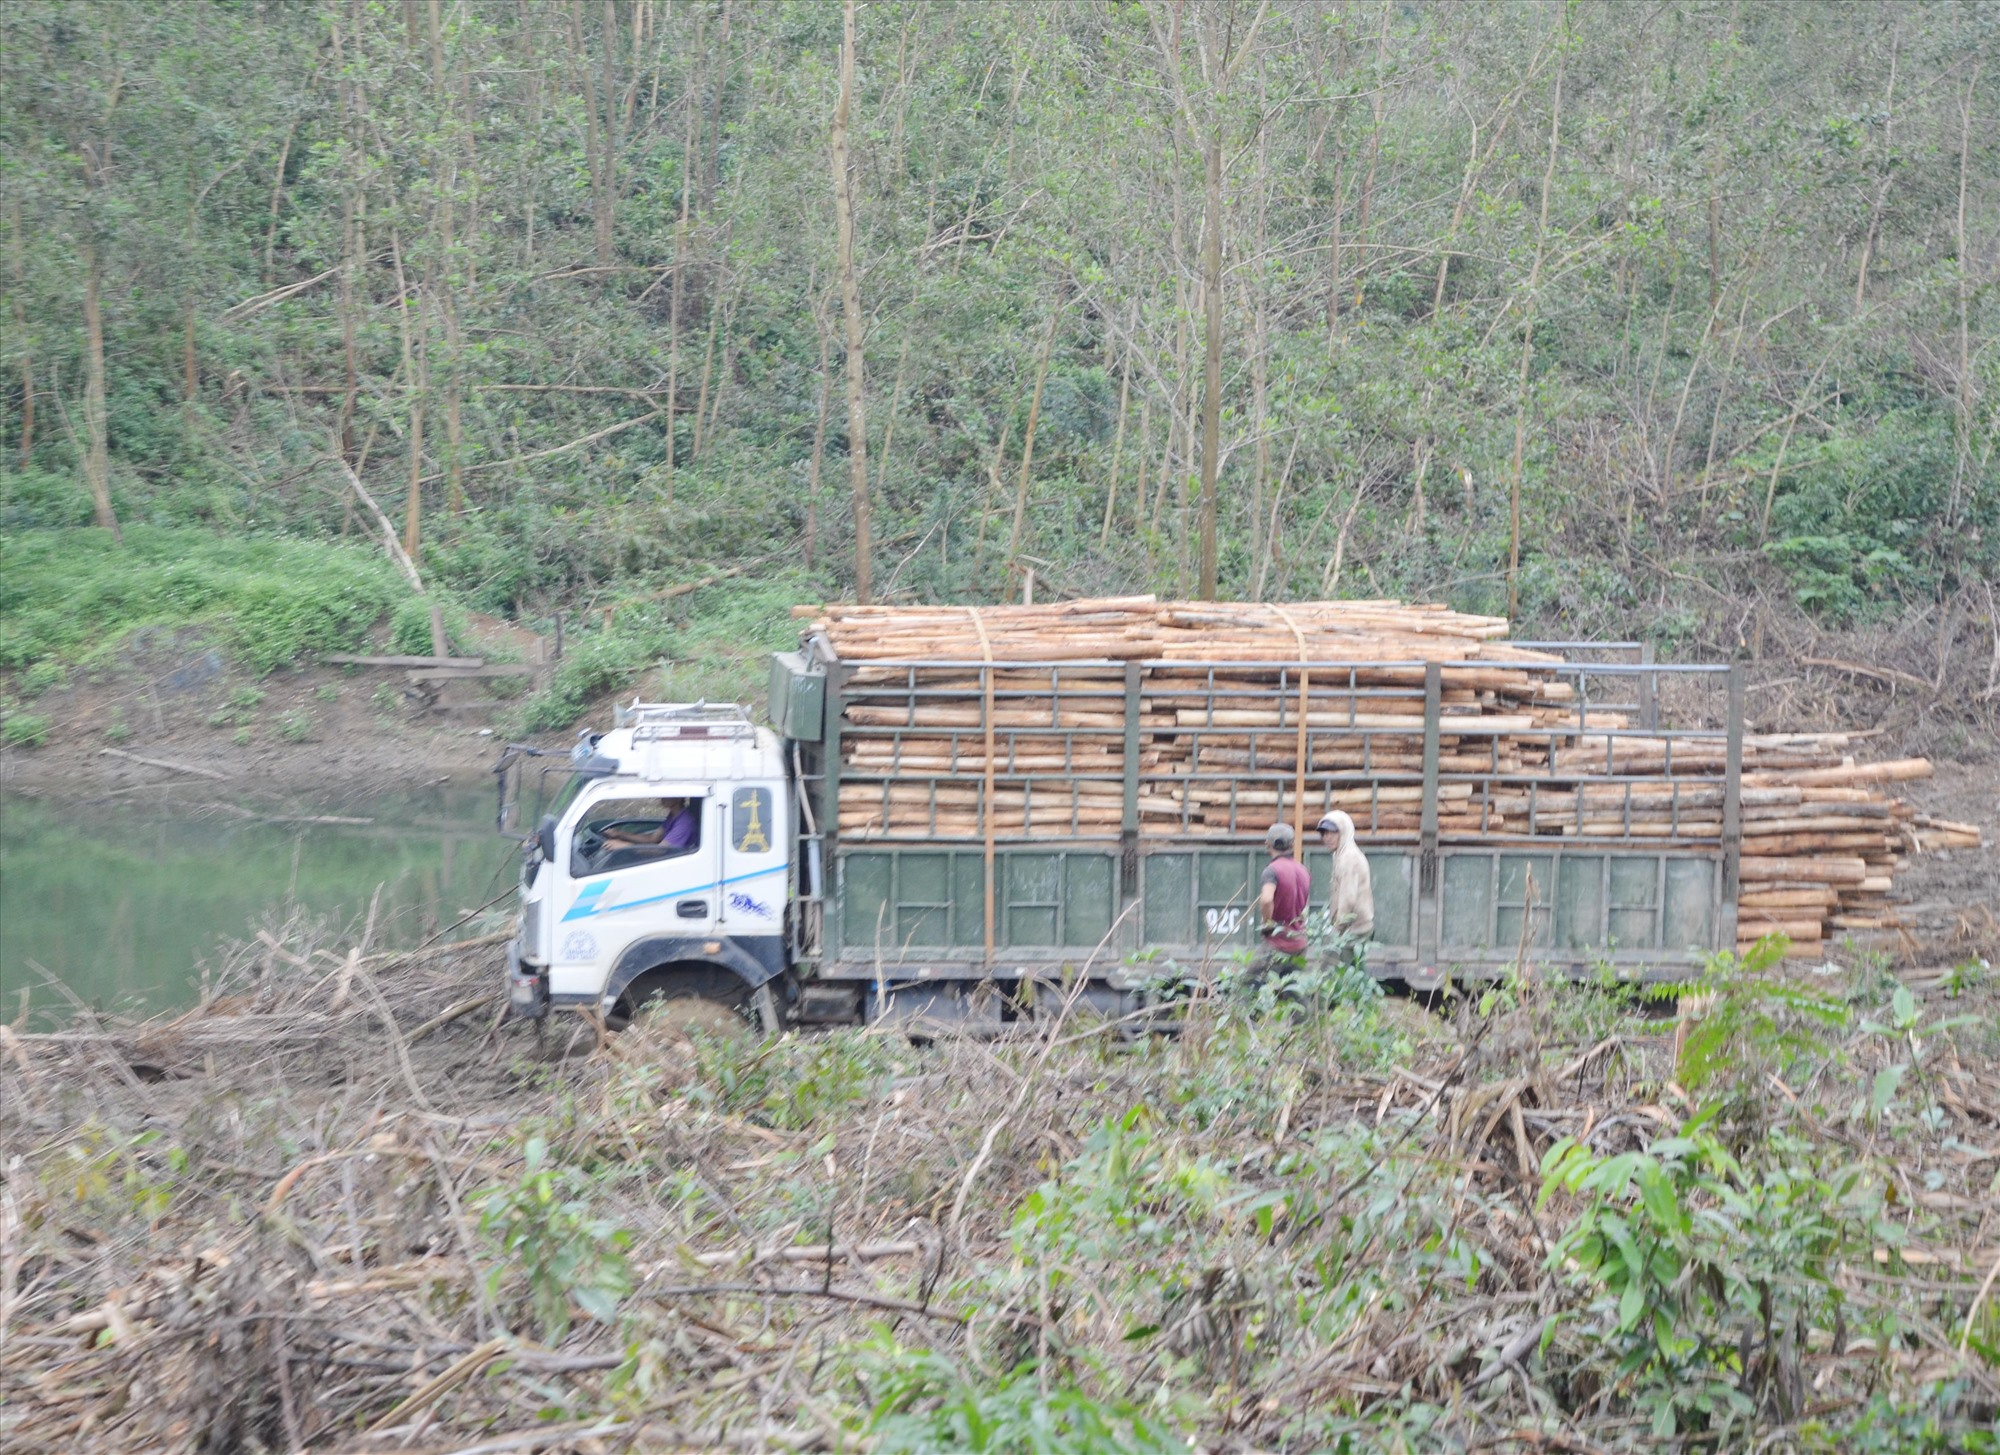 Quảng Nam phát triển sản xuất lâm nghiệp theo chuỗi từ khâu trồng, chế biến và tiêu thụ sản phẩm lâm nghiệp. Ảnh: H.P